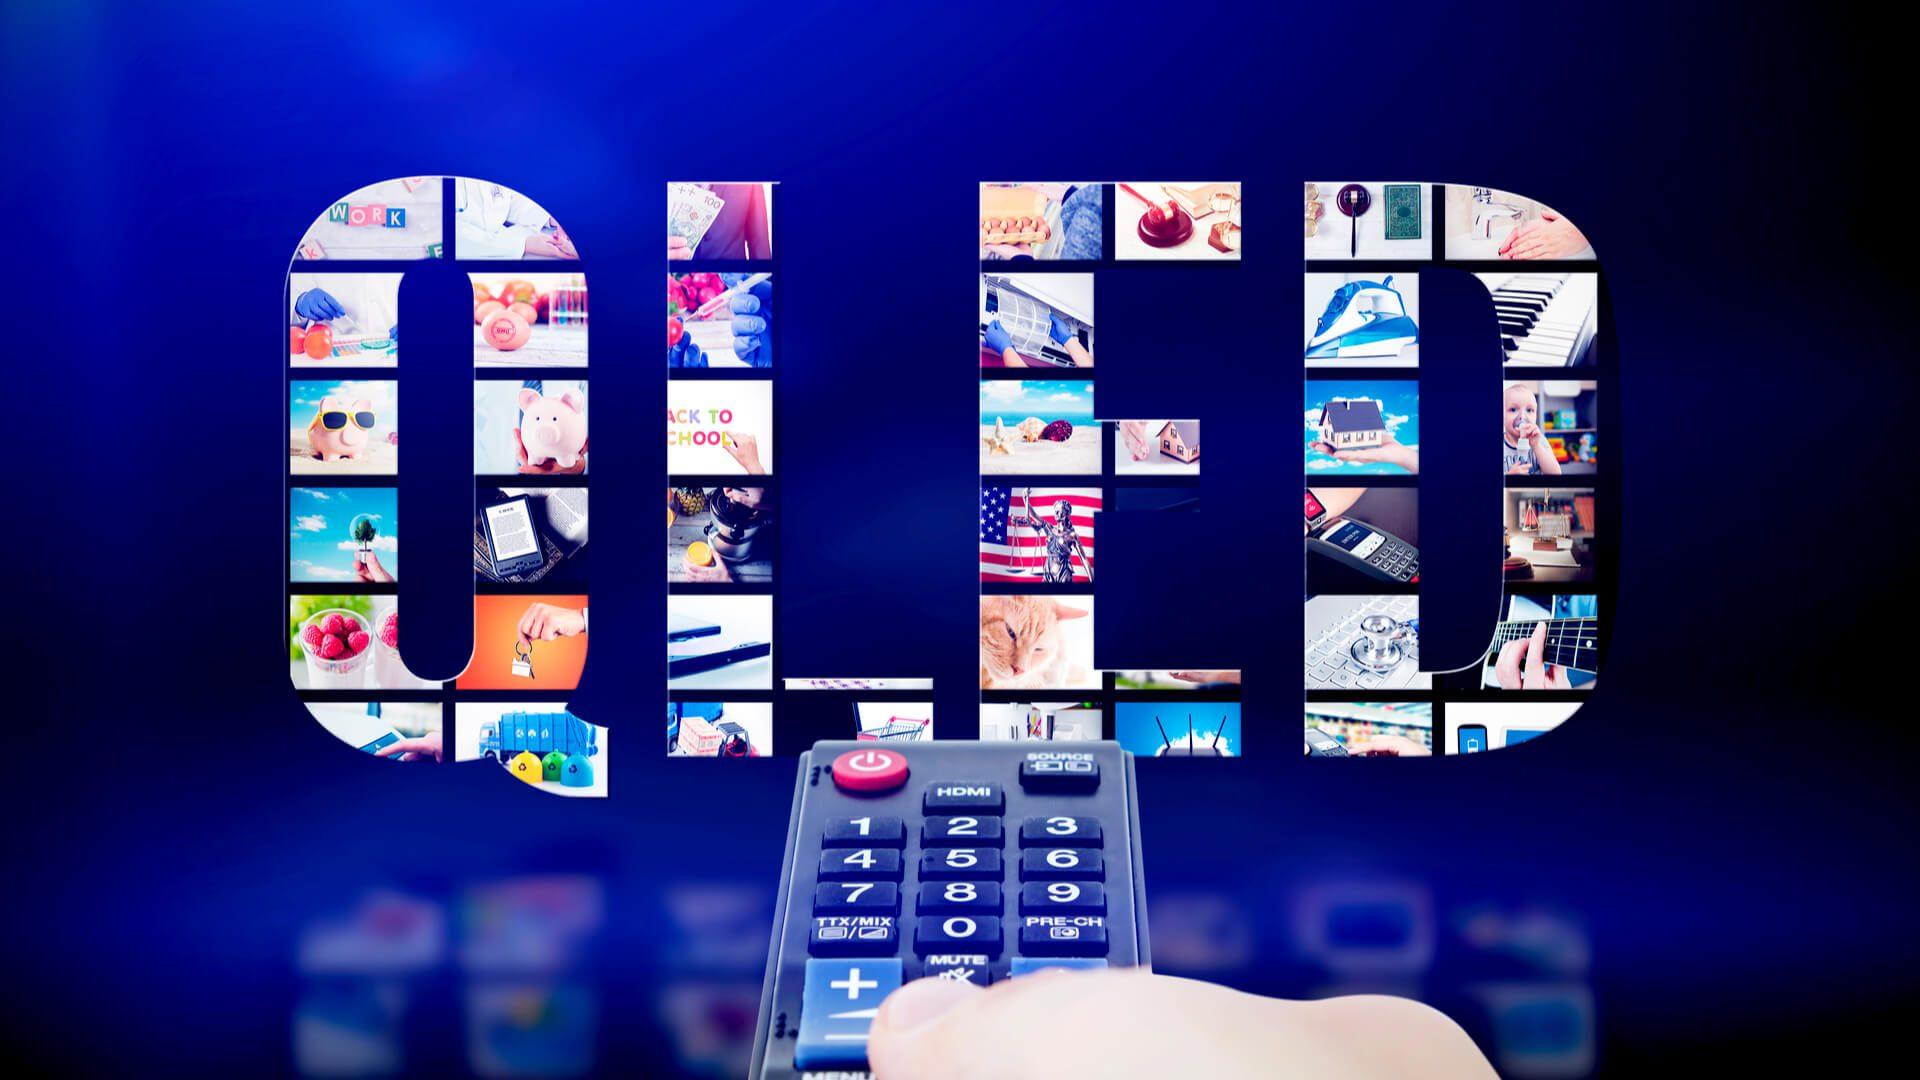 QLED – co to jest? Czym wyróżnia się technologia QLED?